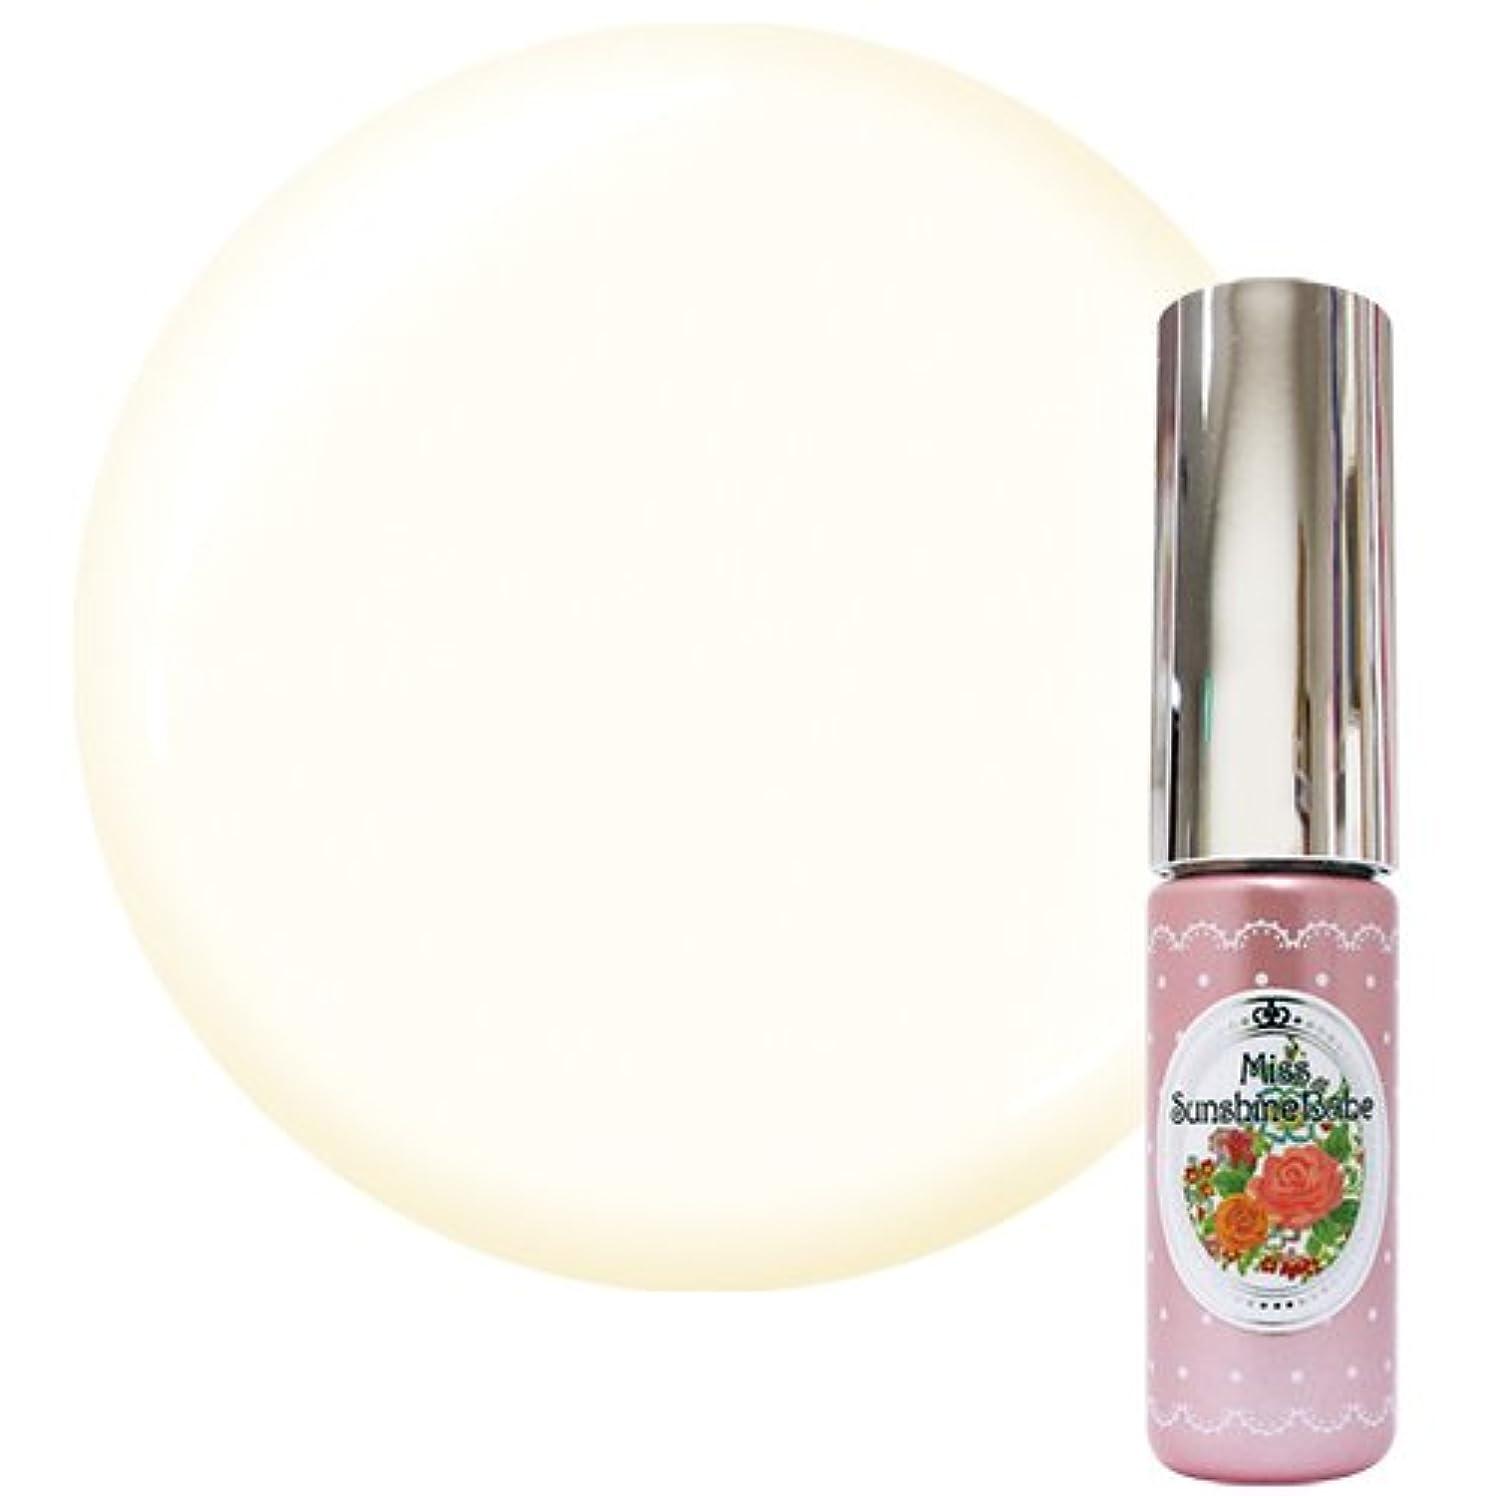 甘味トピック迫害Miss SunshineBabe ミス サンシャインベビー カラージェル MC-30 5g ココナッツティー UV/LED対応